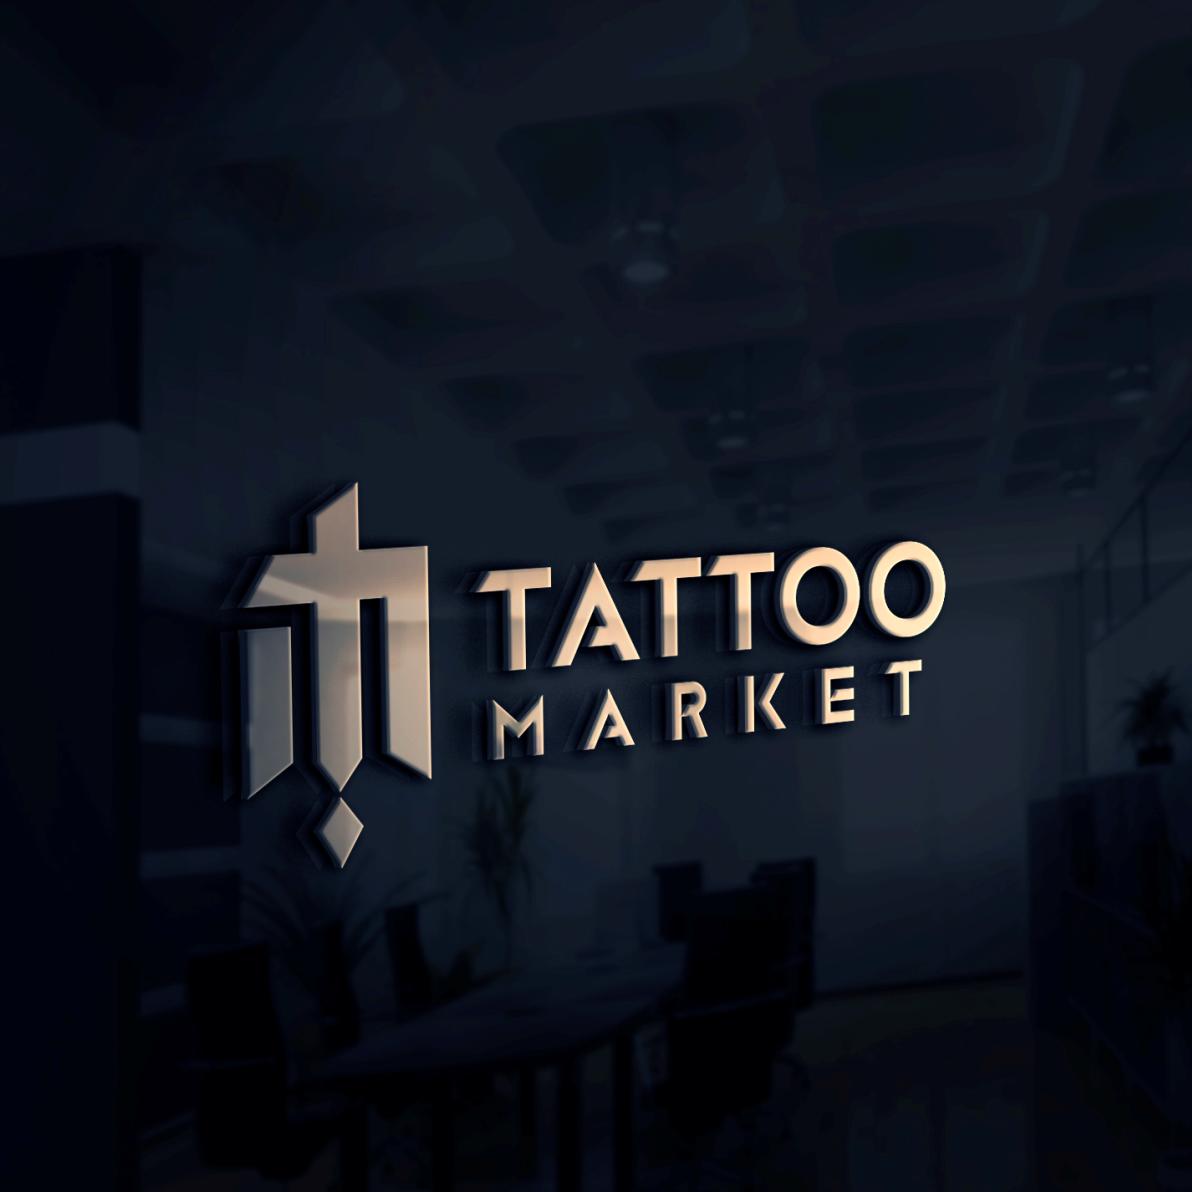 Редизайн логотипа магазина тату оборудования TattooMarket.ru фото f_2045c48b8349d27f.png